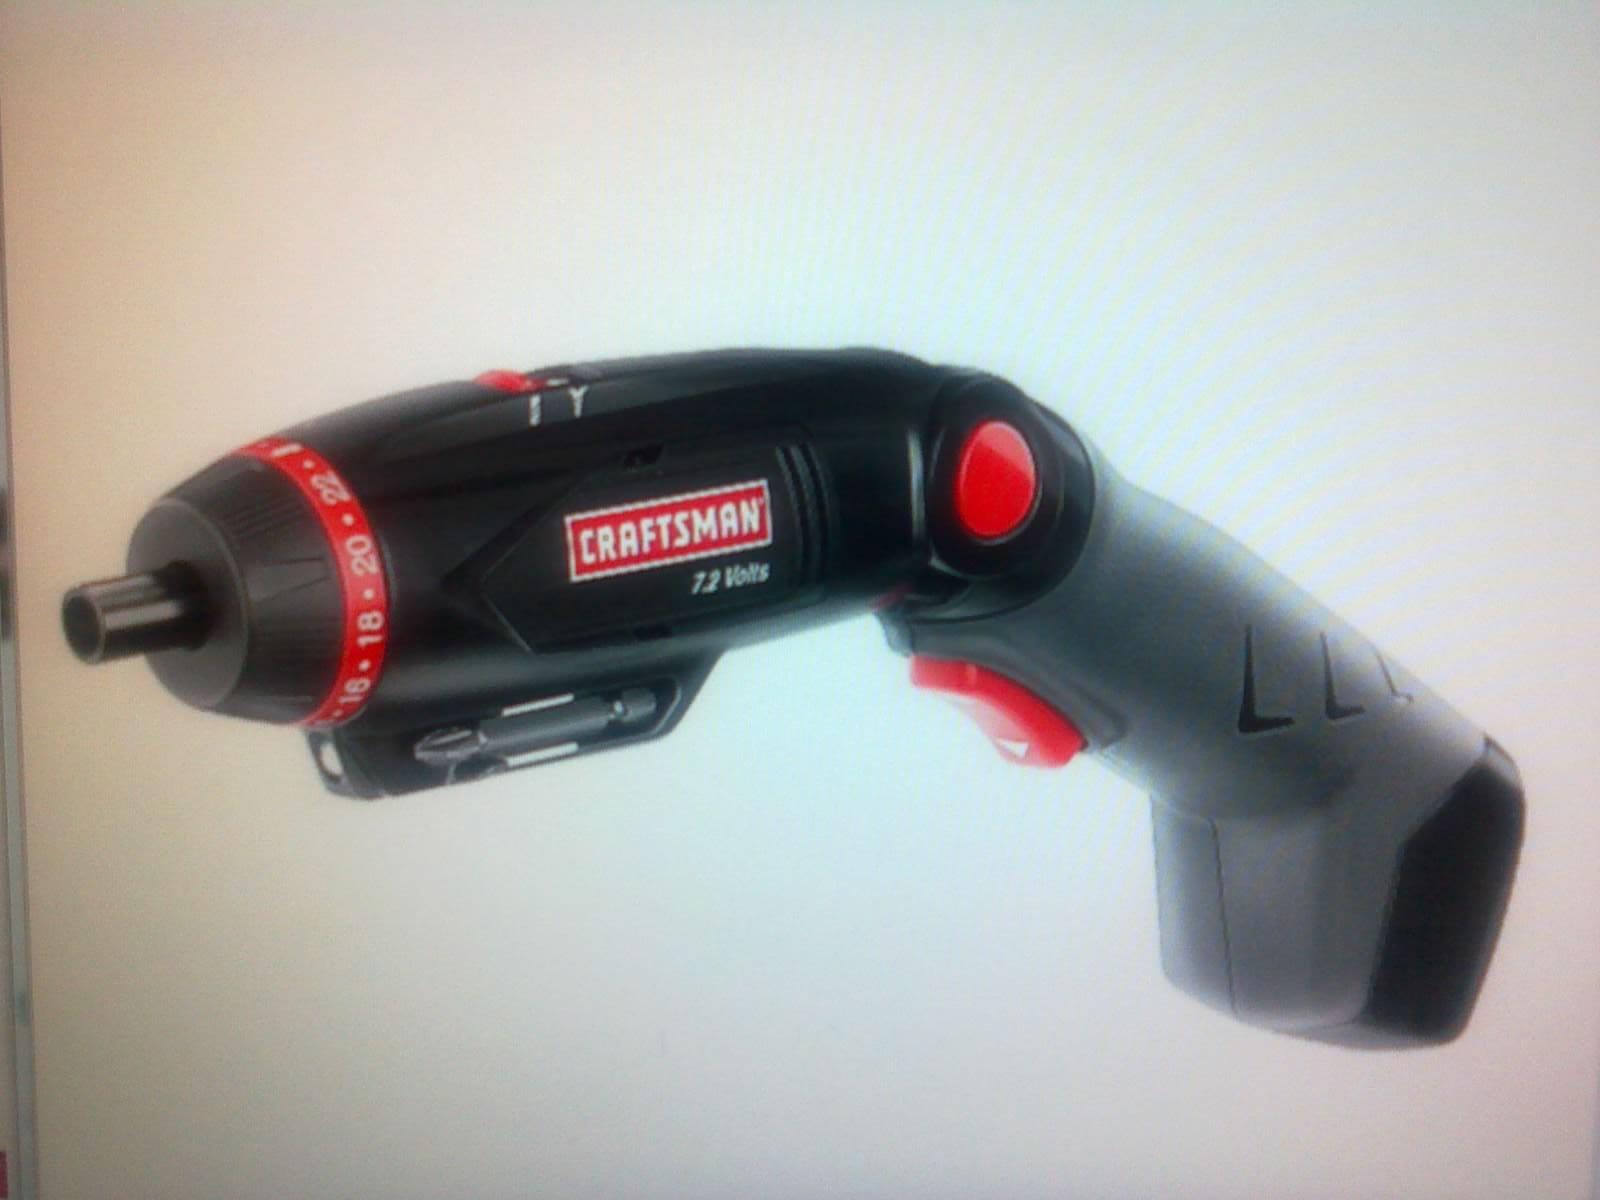 Craftsman 7.2 Volt Cordless Screwdriver